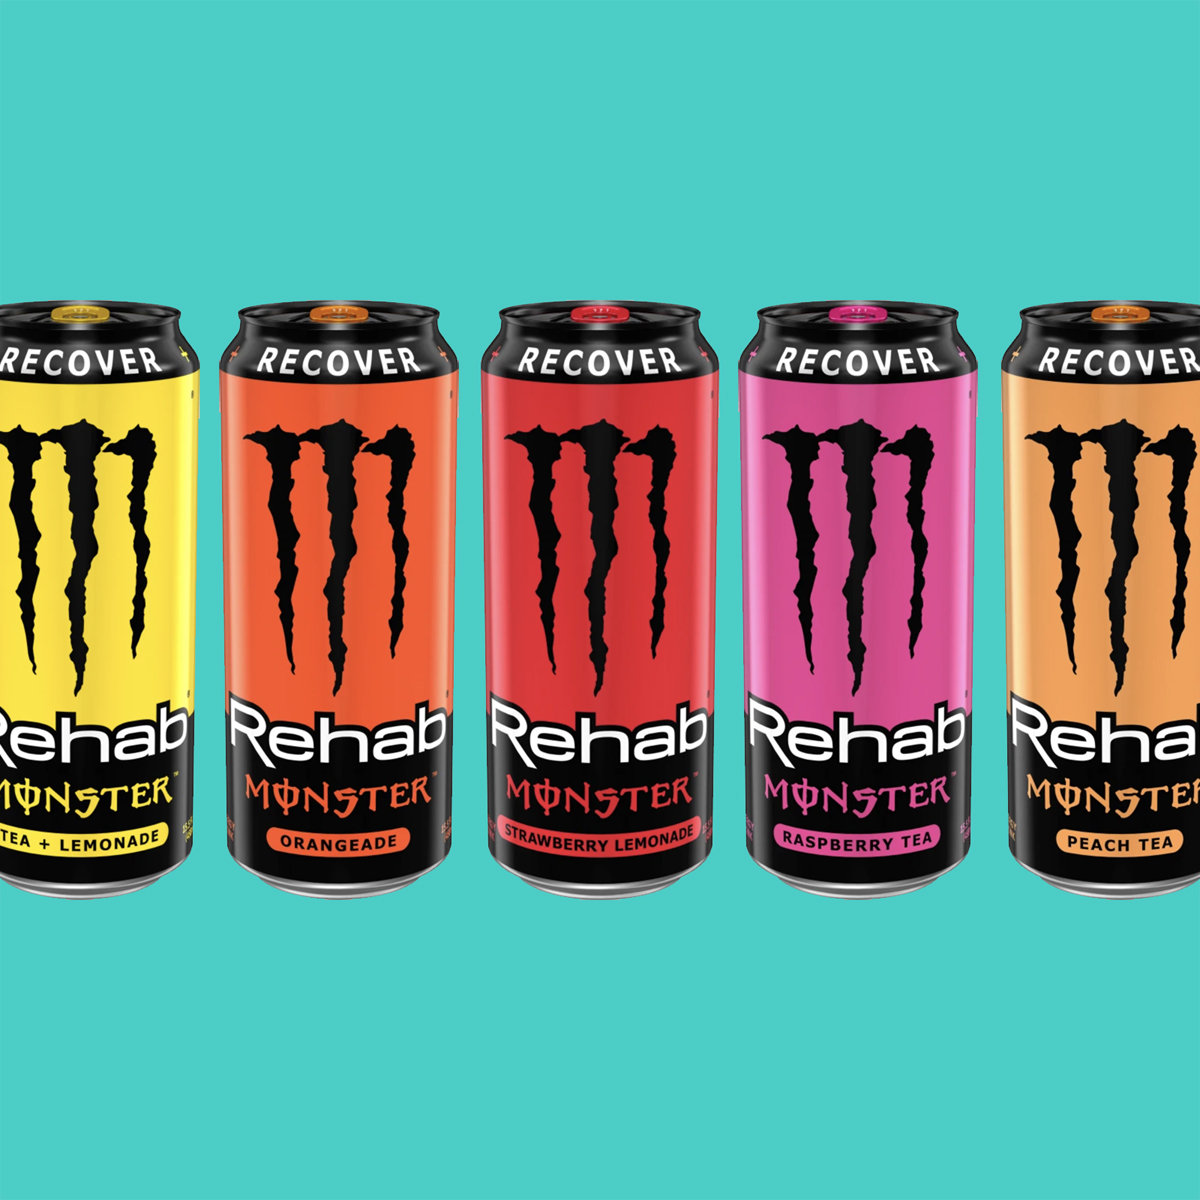 Monster Energy Rehab Monster in various flavors